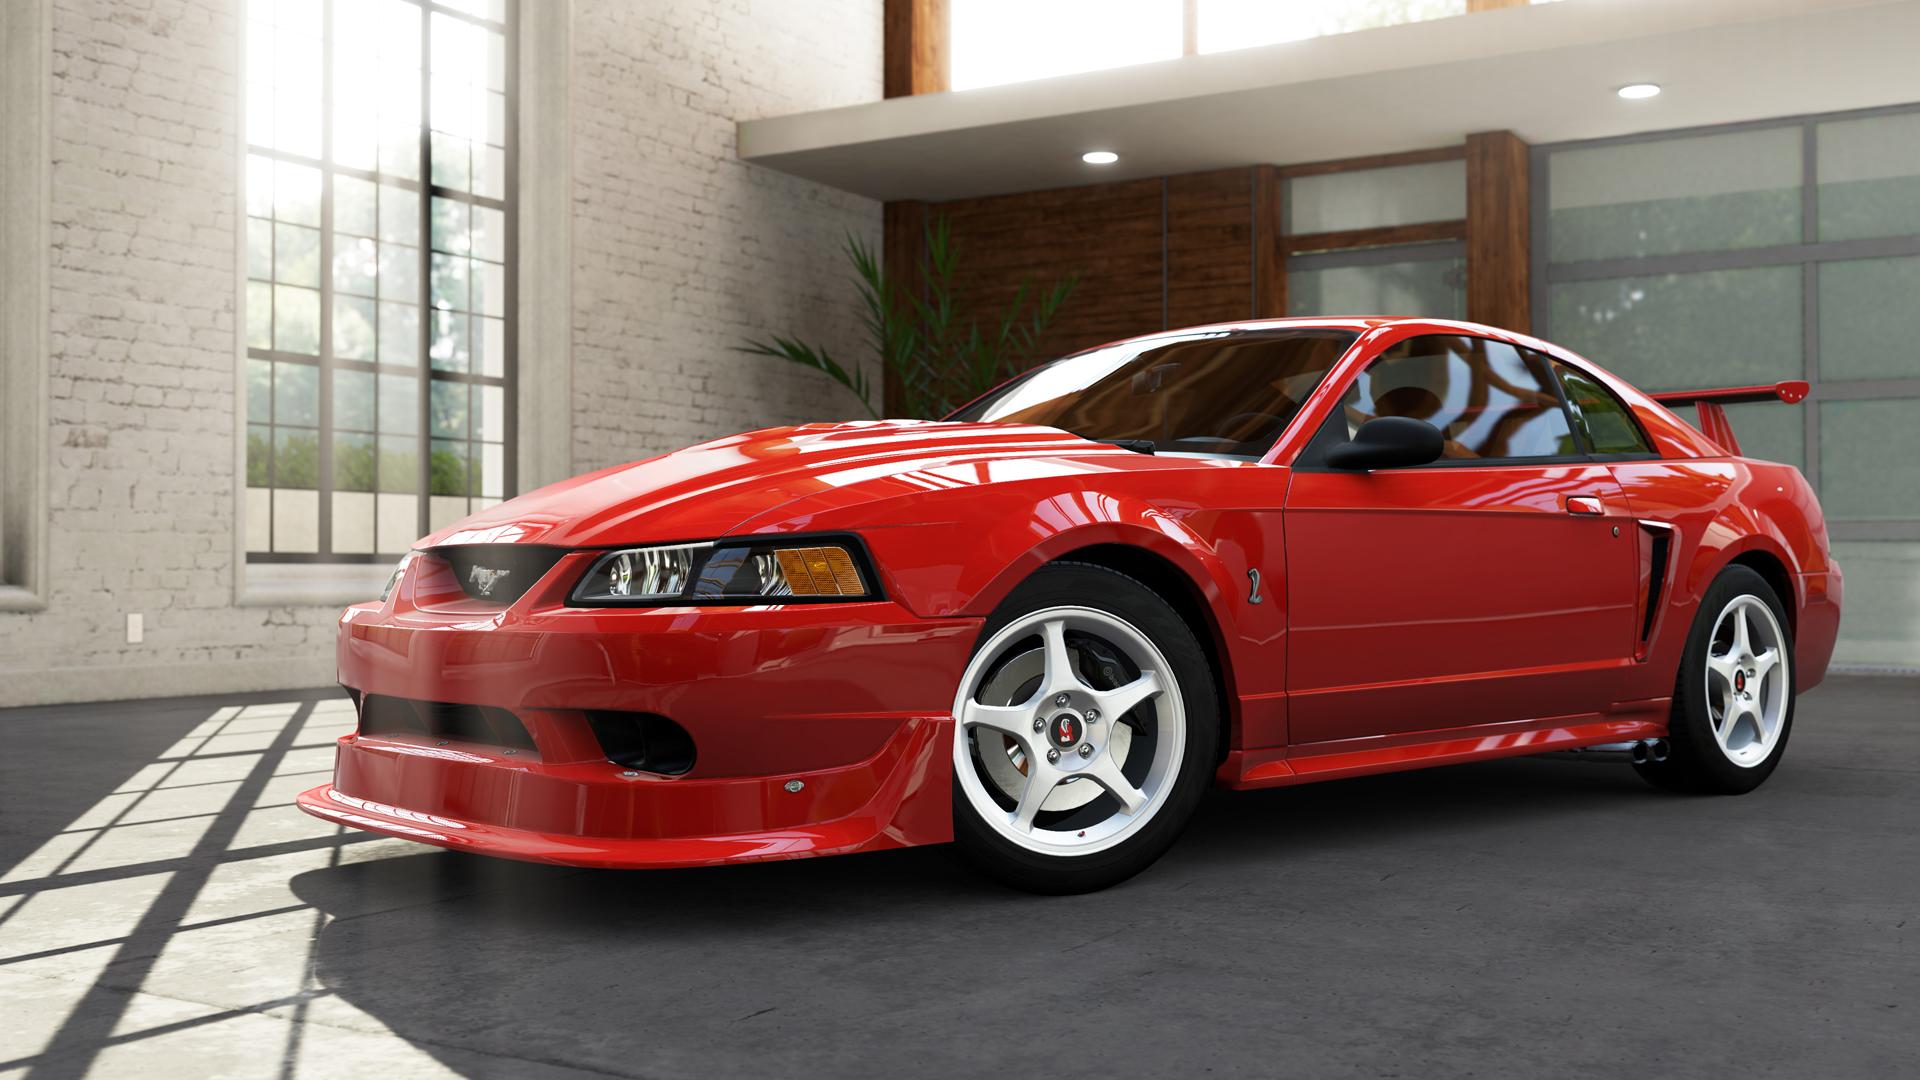 2000 Ford SVT Cobra R & Forza Motorsport 5 - Cars markmcfarlin.com